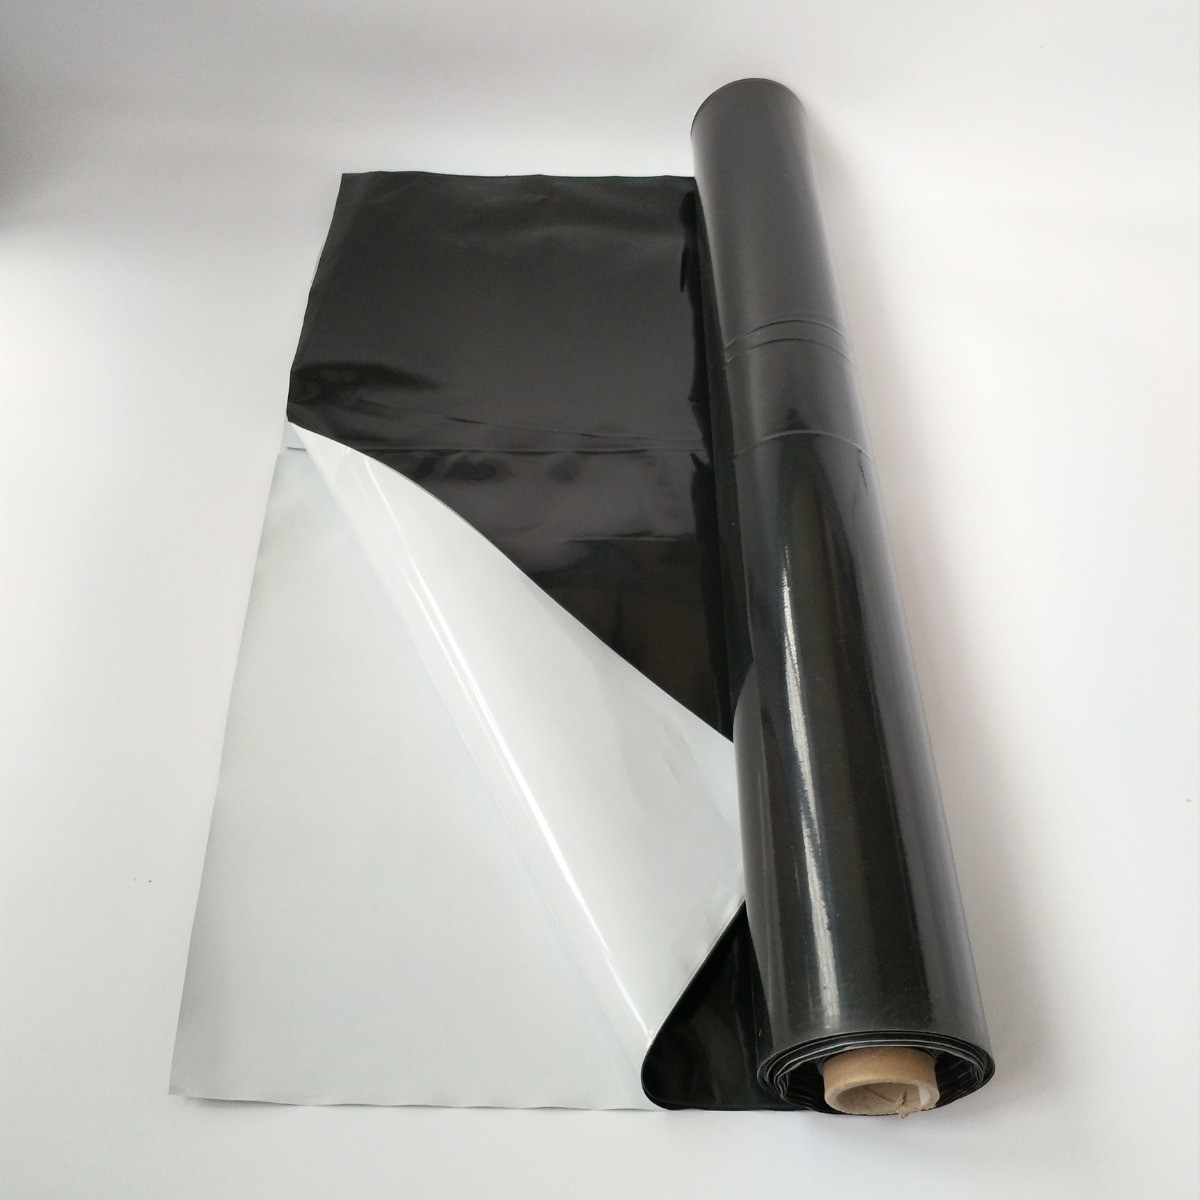 Lona Silagem Nortene Branca/Preta 72kg - 6x77m